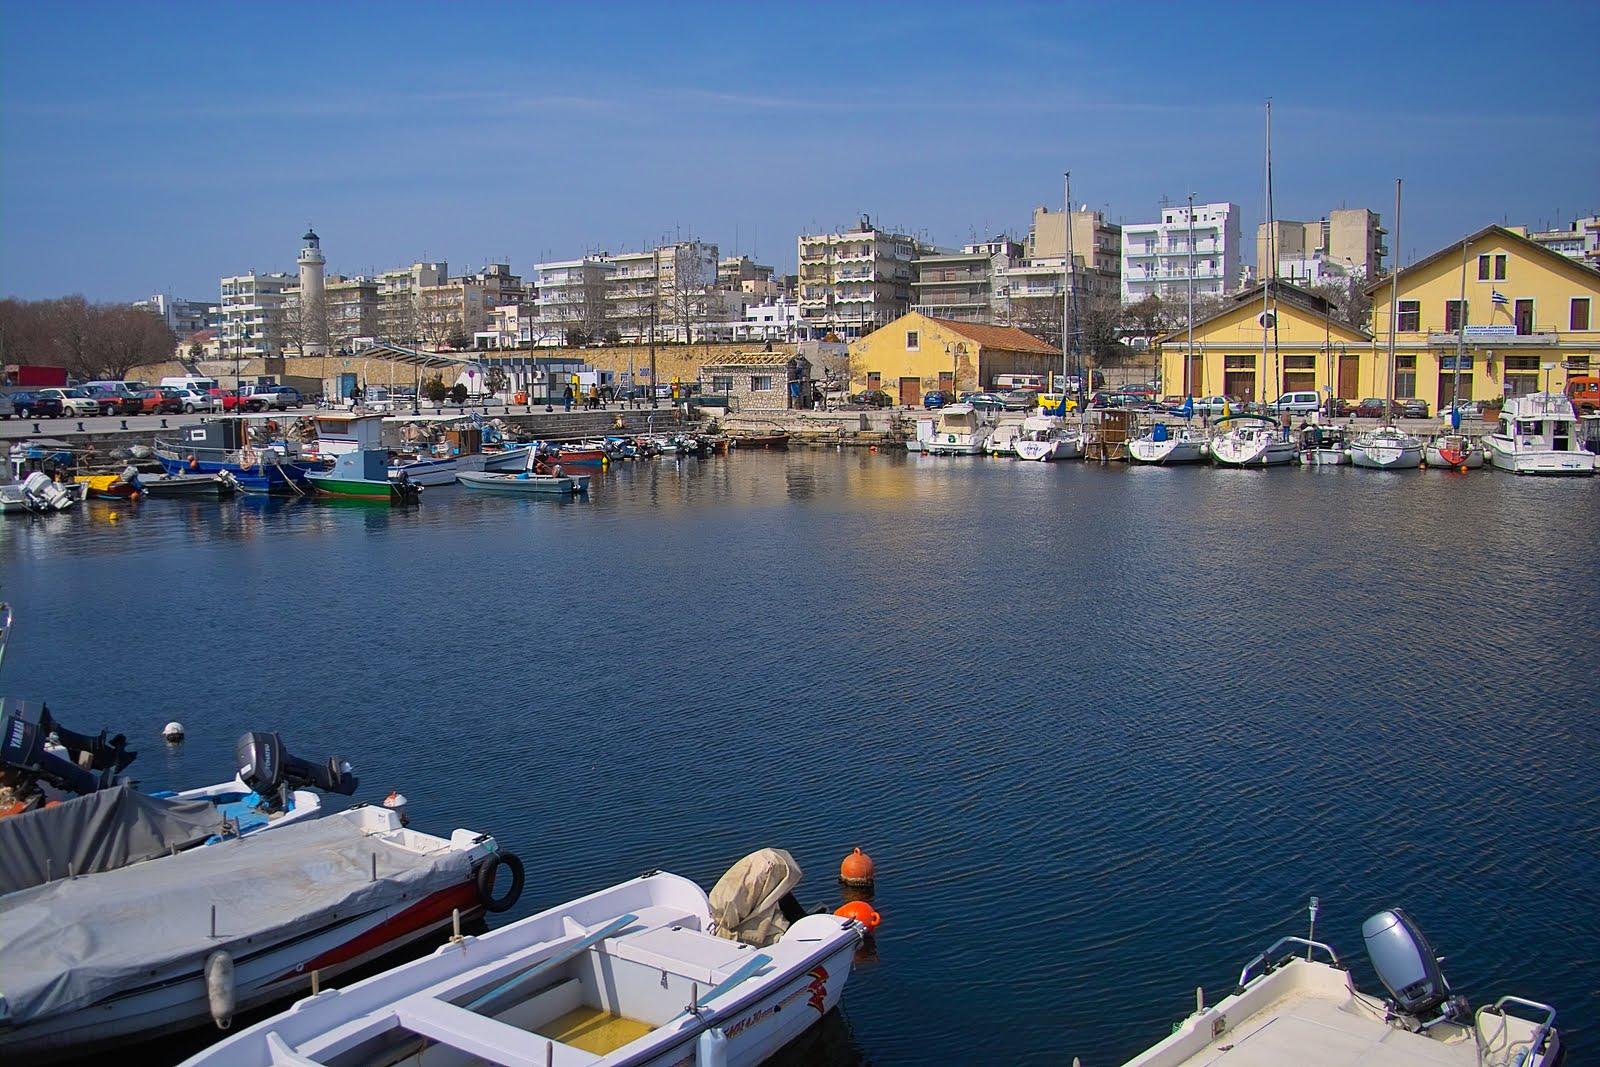 4ήμερη οδική εκδρομή: Ανατολική Ρωμυλία – ΜαύρηΘάλασσα